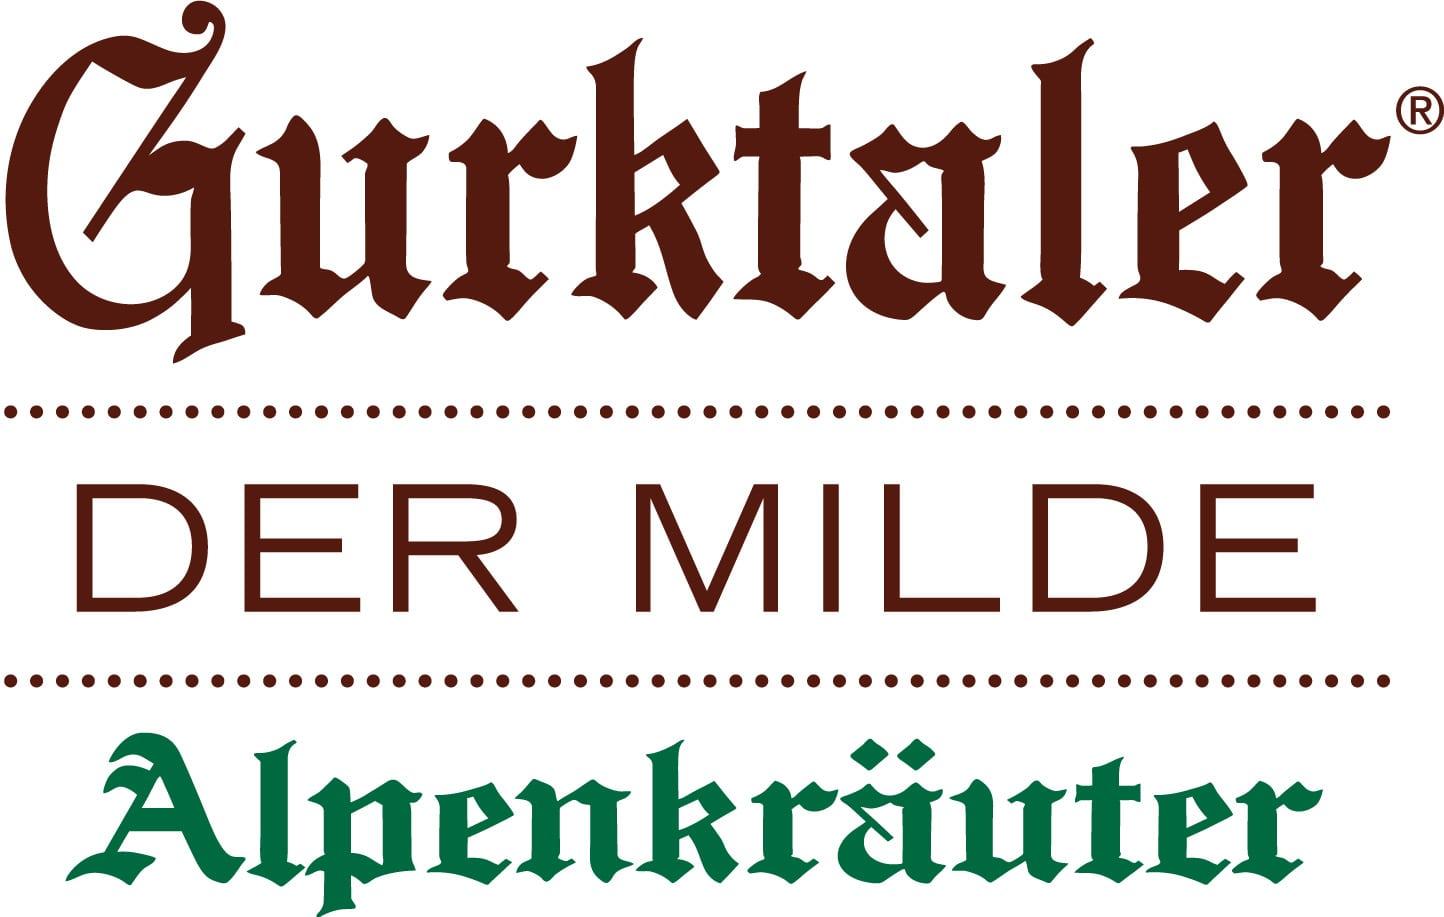 Gurktaler – der milde Alpenkräuter ist die größte österreichische Spirituosenmarke und wird nach alten überlieferten, geheimen Rezepten hergestellt.